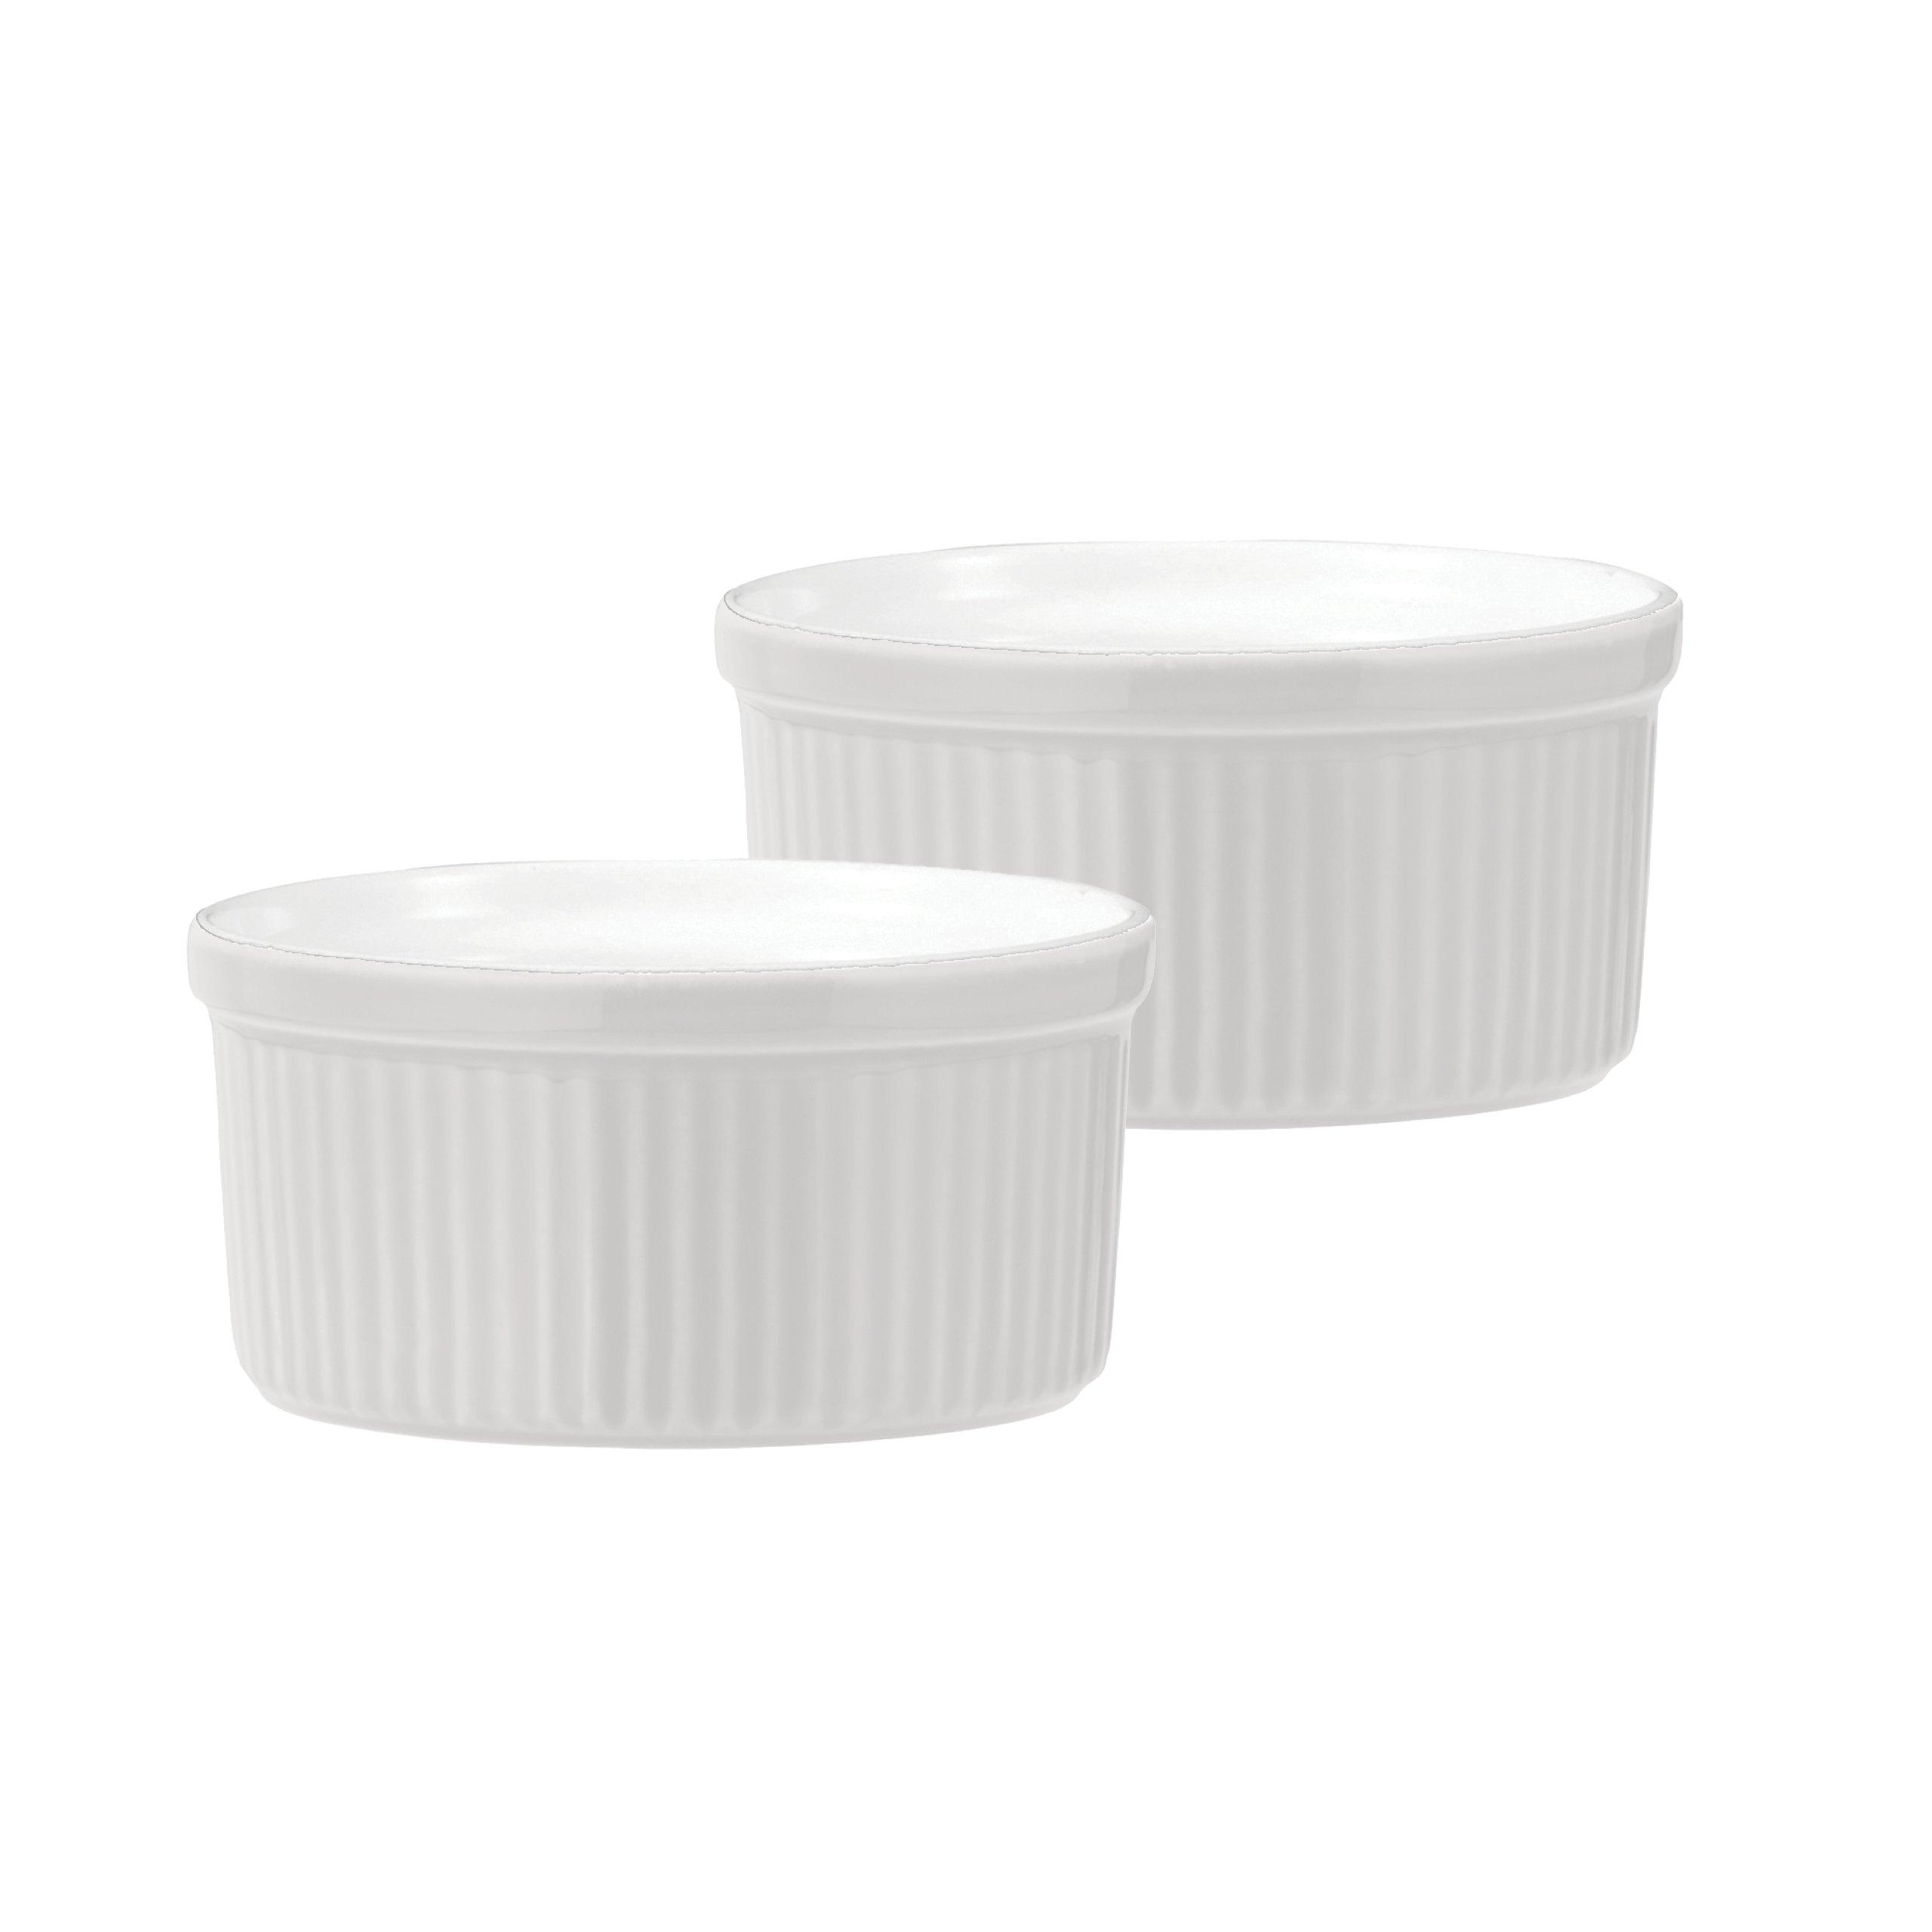 Emile Henry Souffle Dish, 8-Ounce, White, Set of 2